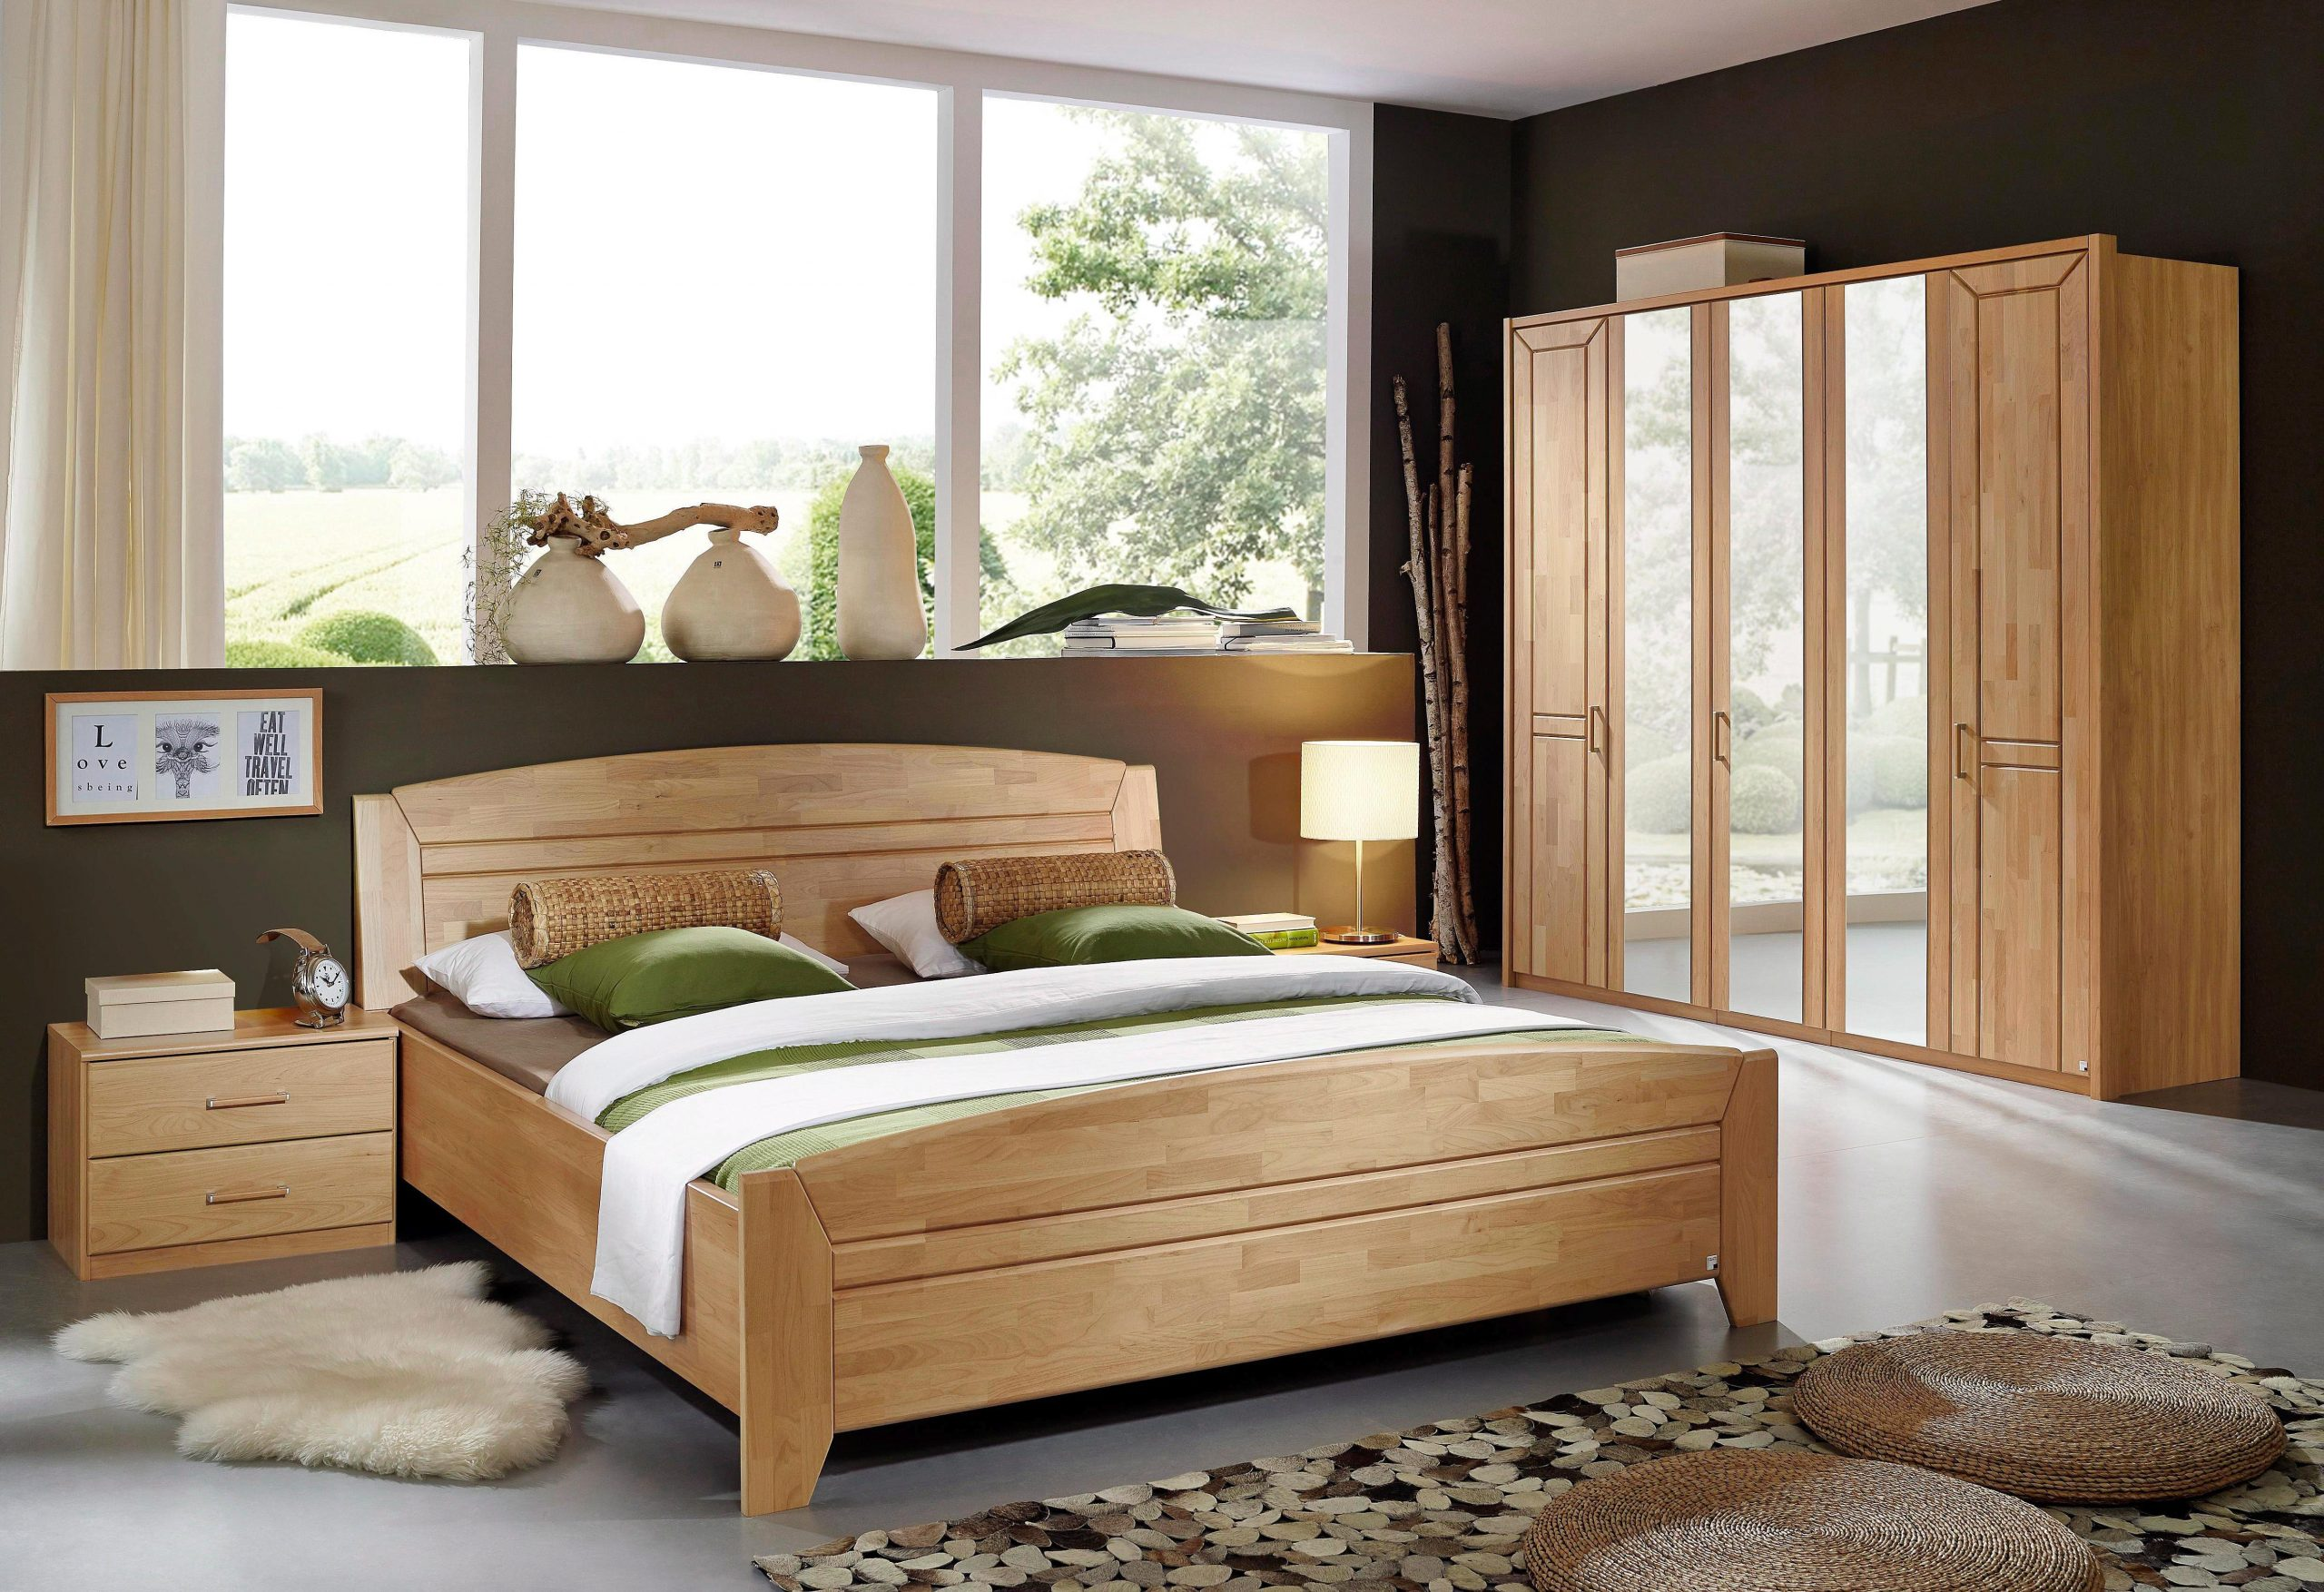 Full Size of Rauch Schlafzimmer Set Deckenleuchten Komplette Deckenleuchte Modern Einbauküche Gebraucht Günstige Edelstahlküche Massivholz Mit Matratze Und Lattenrost Schlafzimmer Rauch Schlafzimmer